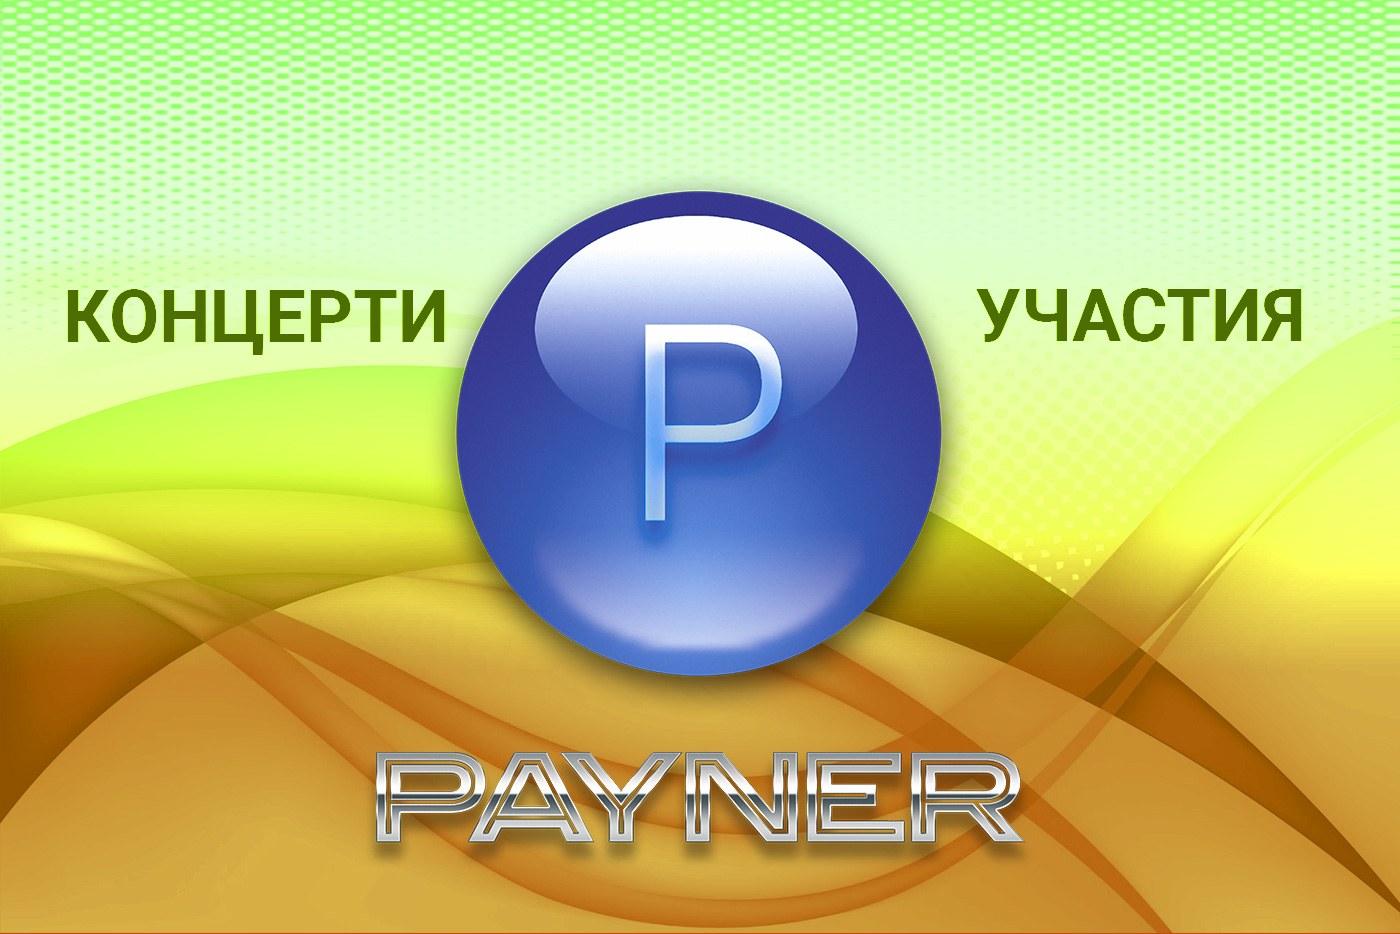 """Участия на звездите на """"Пайнер"""" на 14.10.2018"""